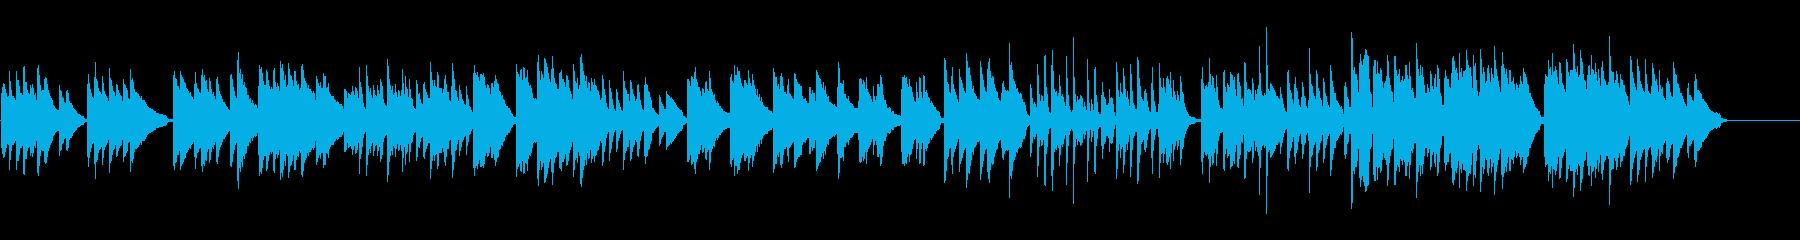 メロディアスで感傷的な3拍子のピアノ曲の再生済みの波形